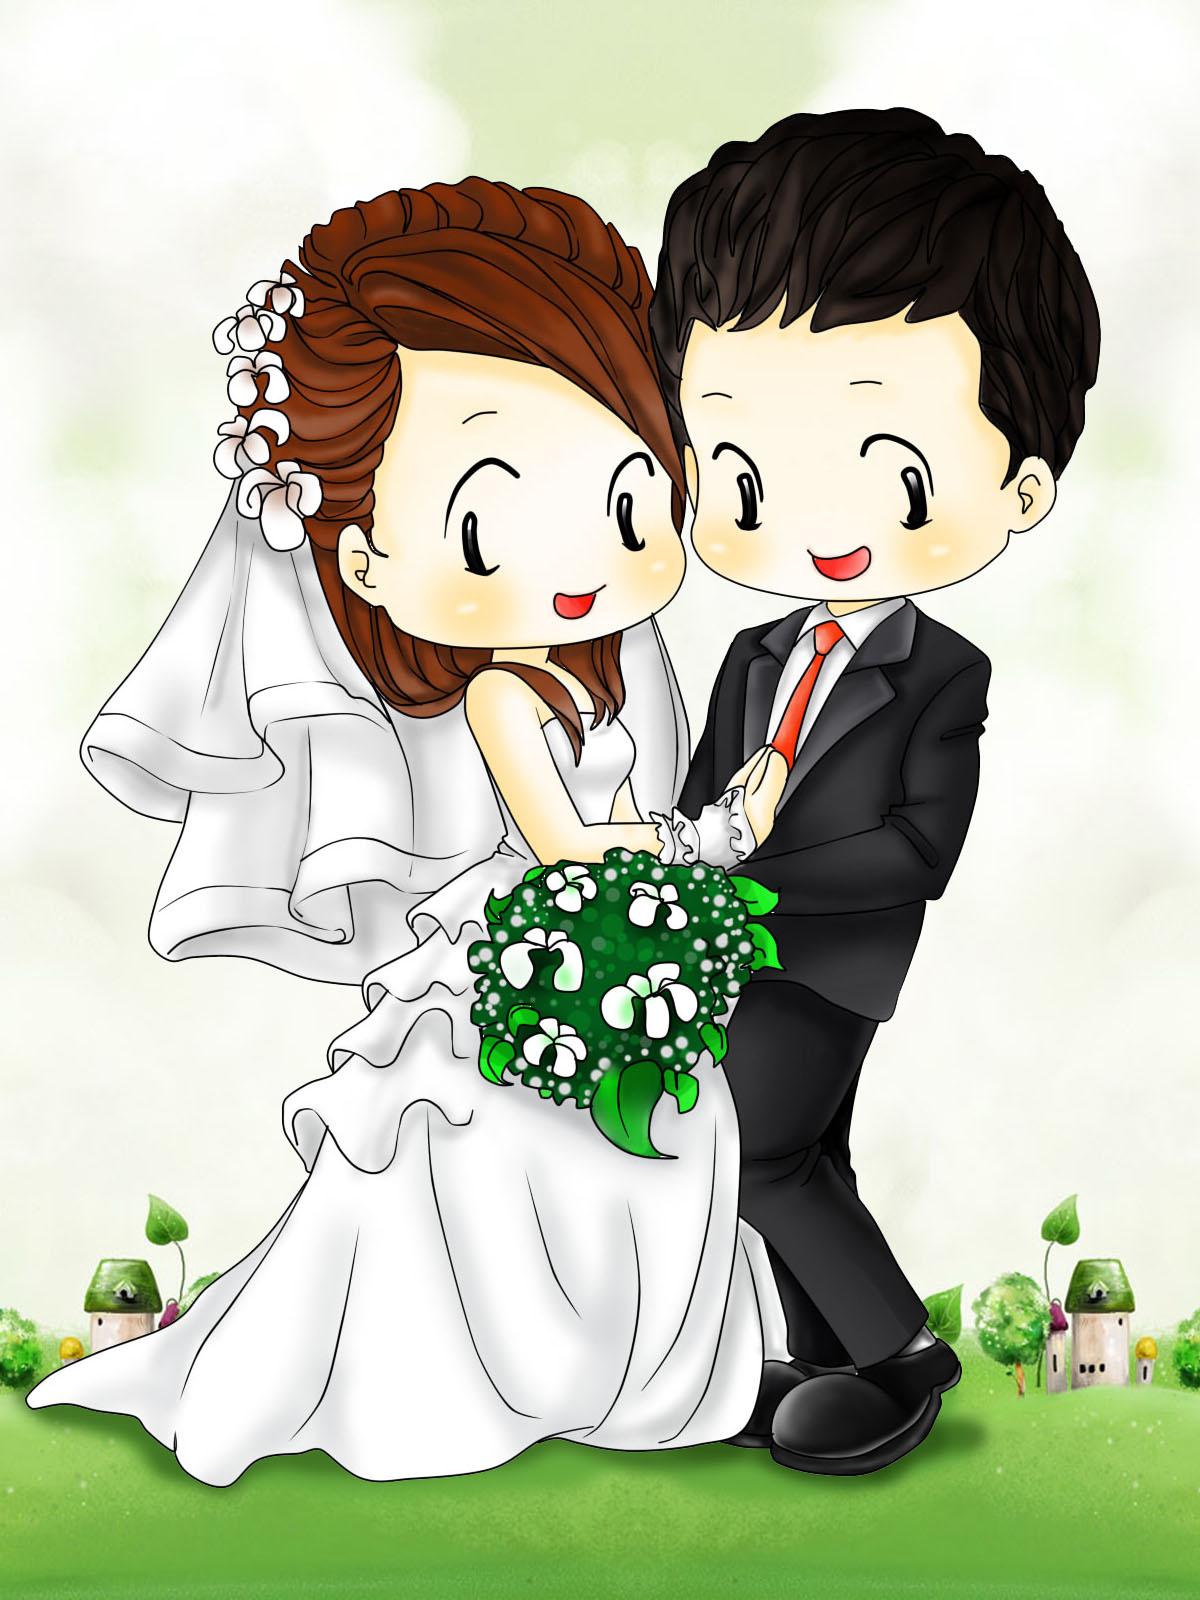 Ảnh avatar chú rể và cô dâu